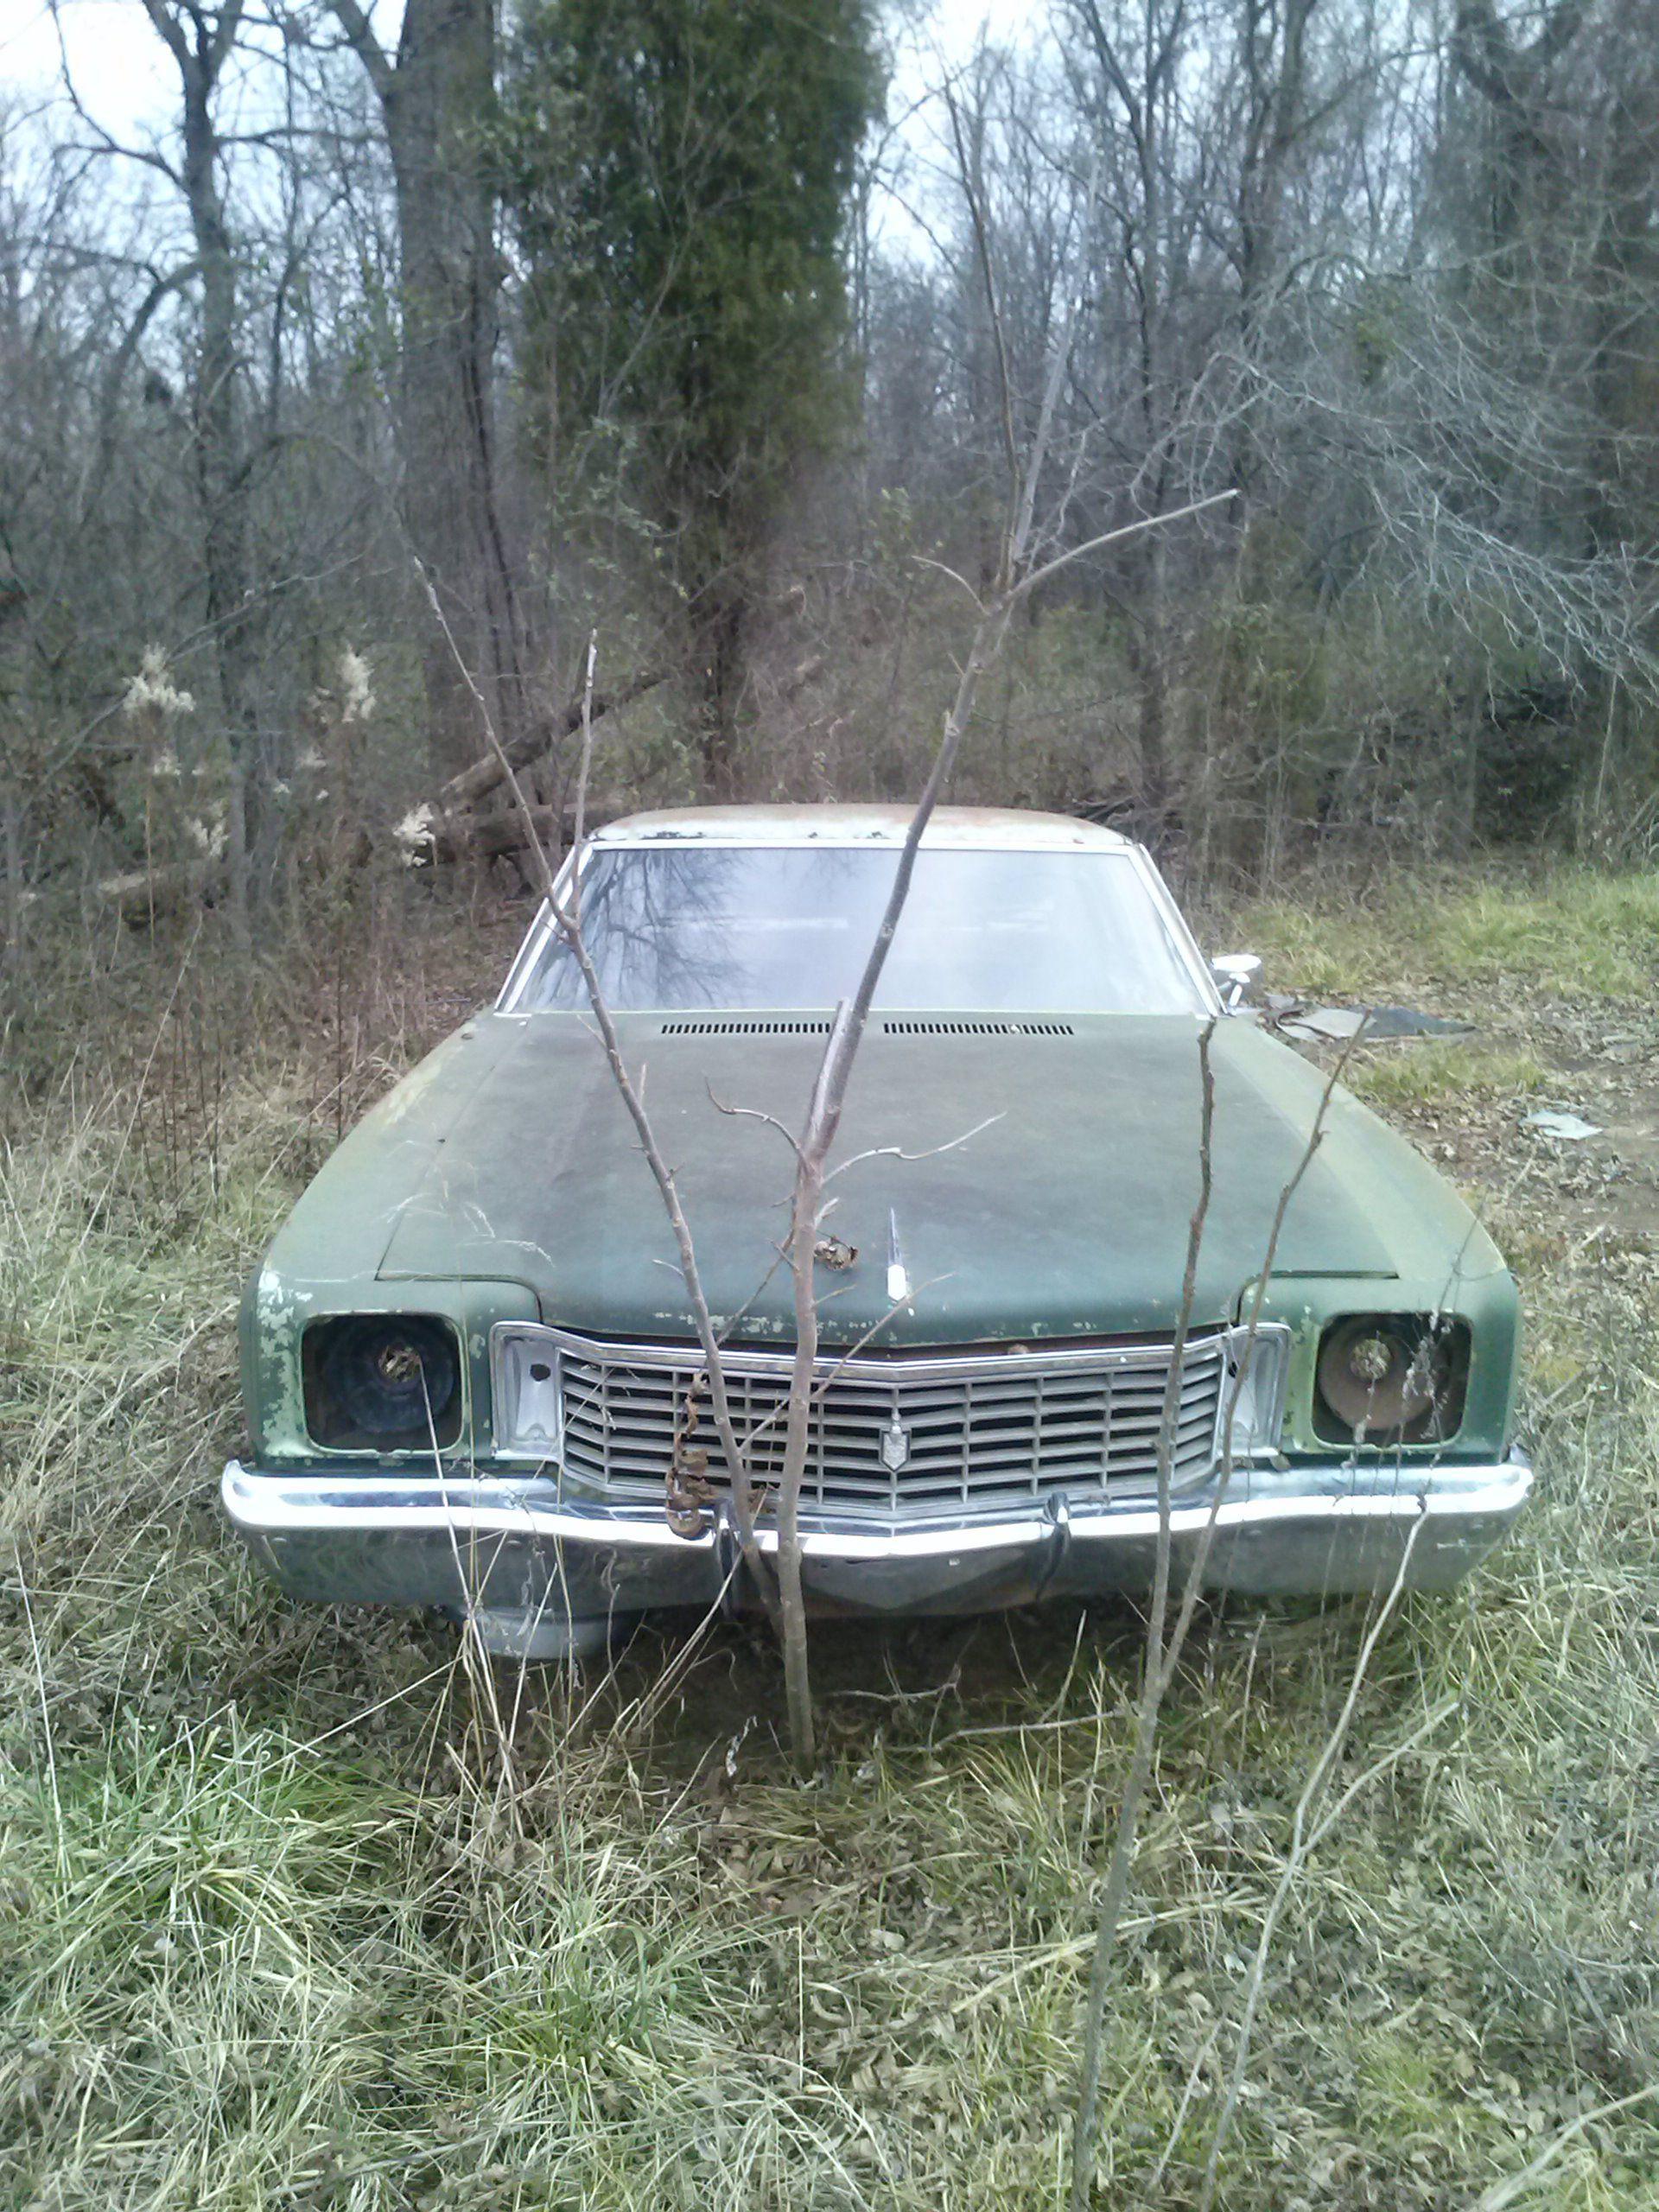 First Generation Chevrolet Monte Carlo Sitting Alone Found In Van